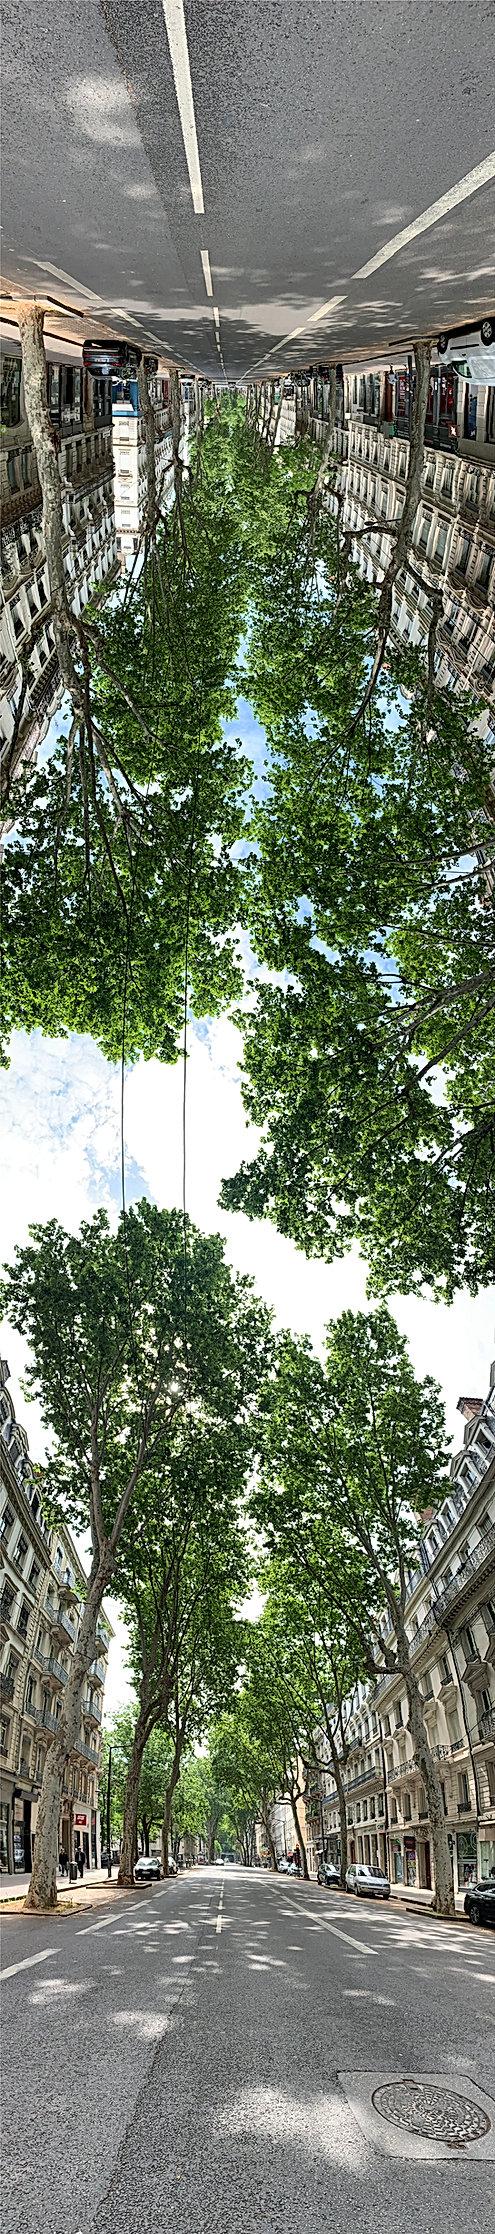 photo panoramique verticale prise avenue de Saxe vers la rue Bugeaud montrant les immeubles et les arbres, le bas à l'endroit, le haut à l'envers